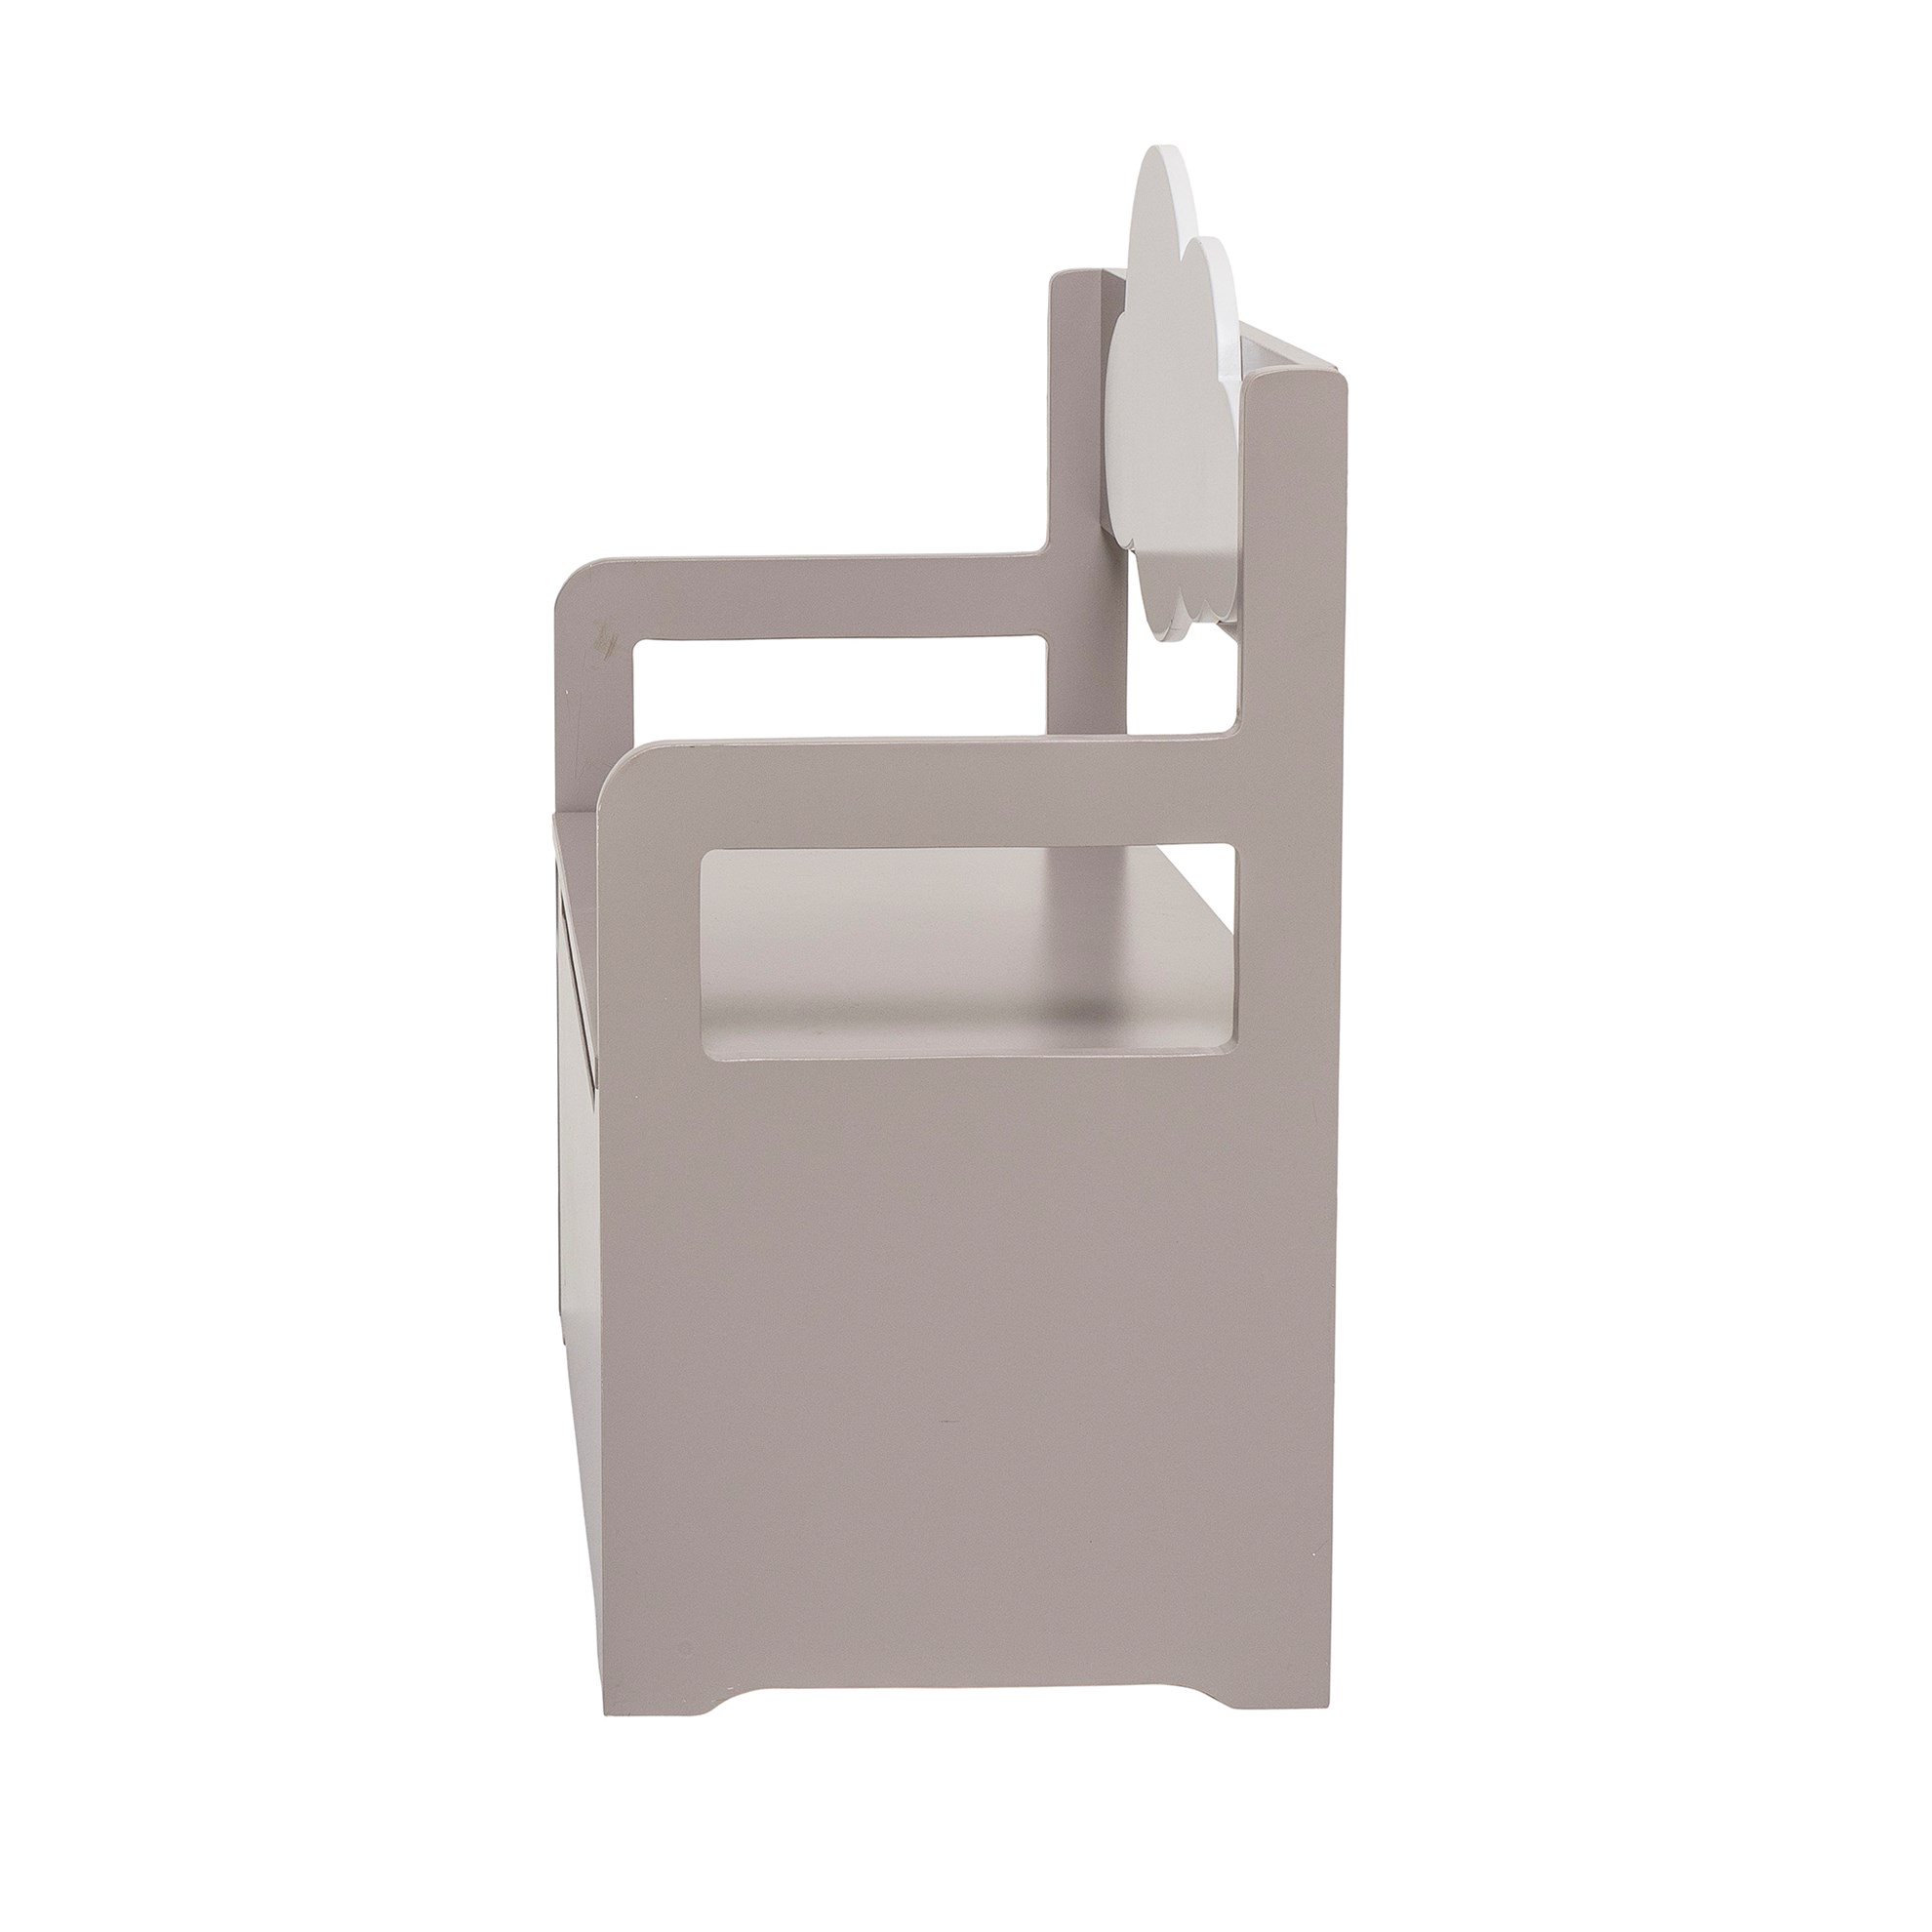 Lavice s úložným prostorem s motivem obláčku_2